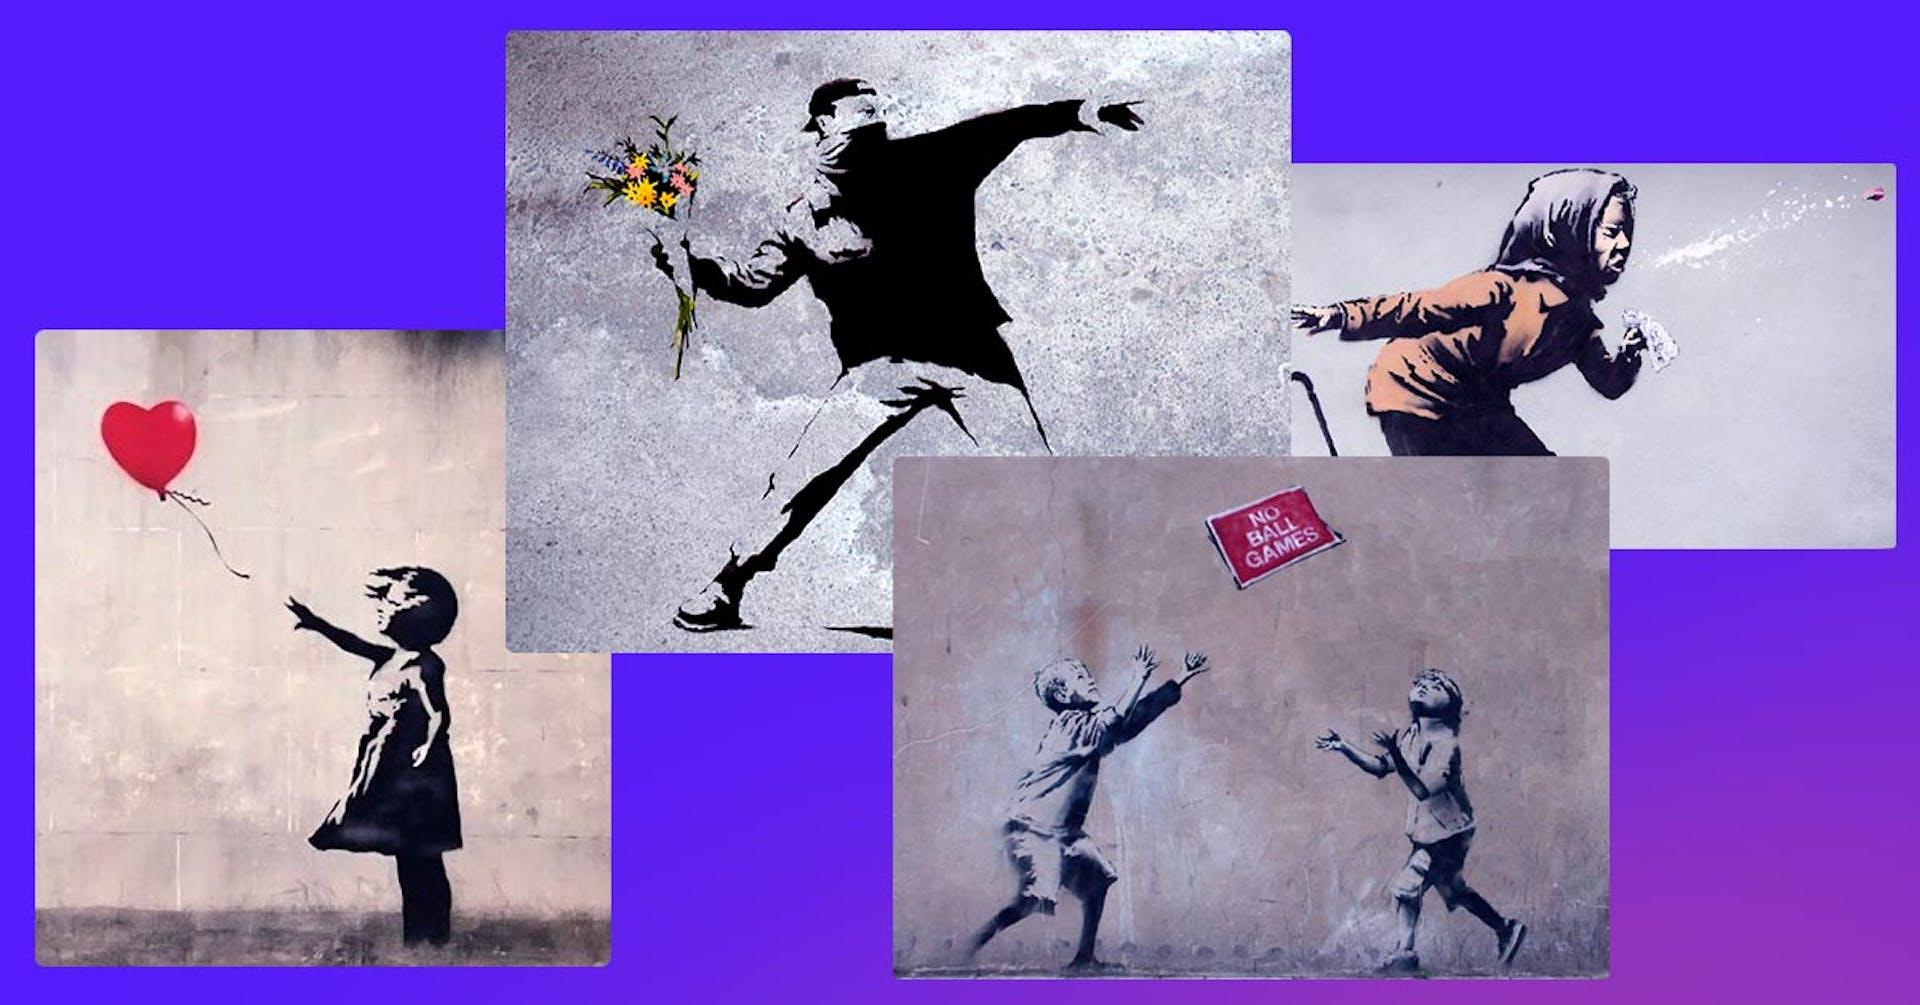 """¿Quién es Banksy? """"Banksy face"""" un personaje desconocido con mucha influencia artística"""